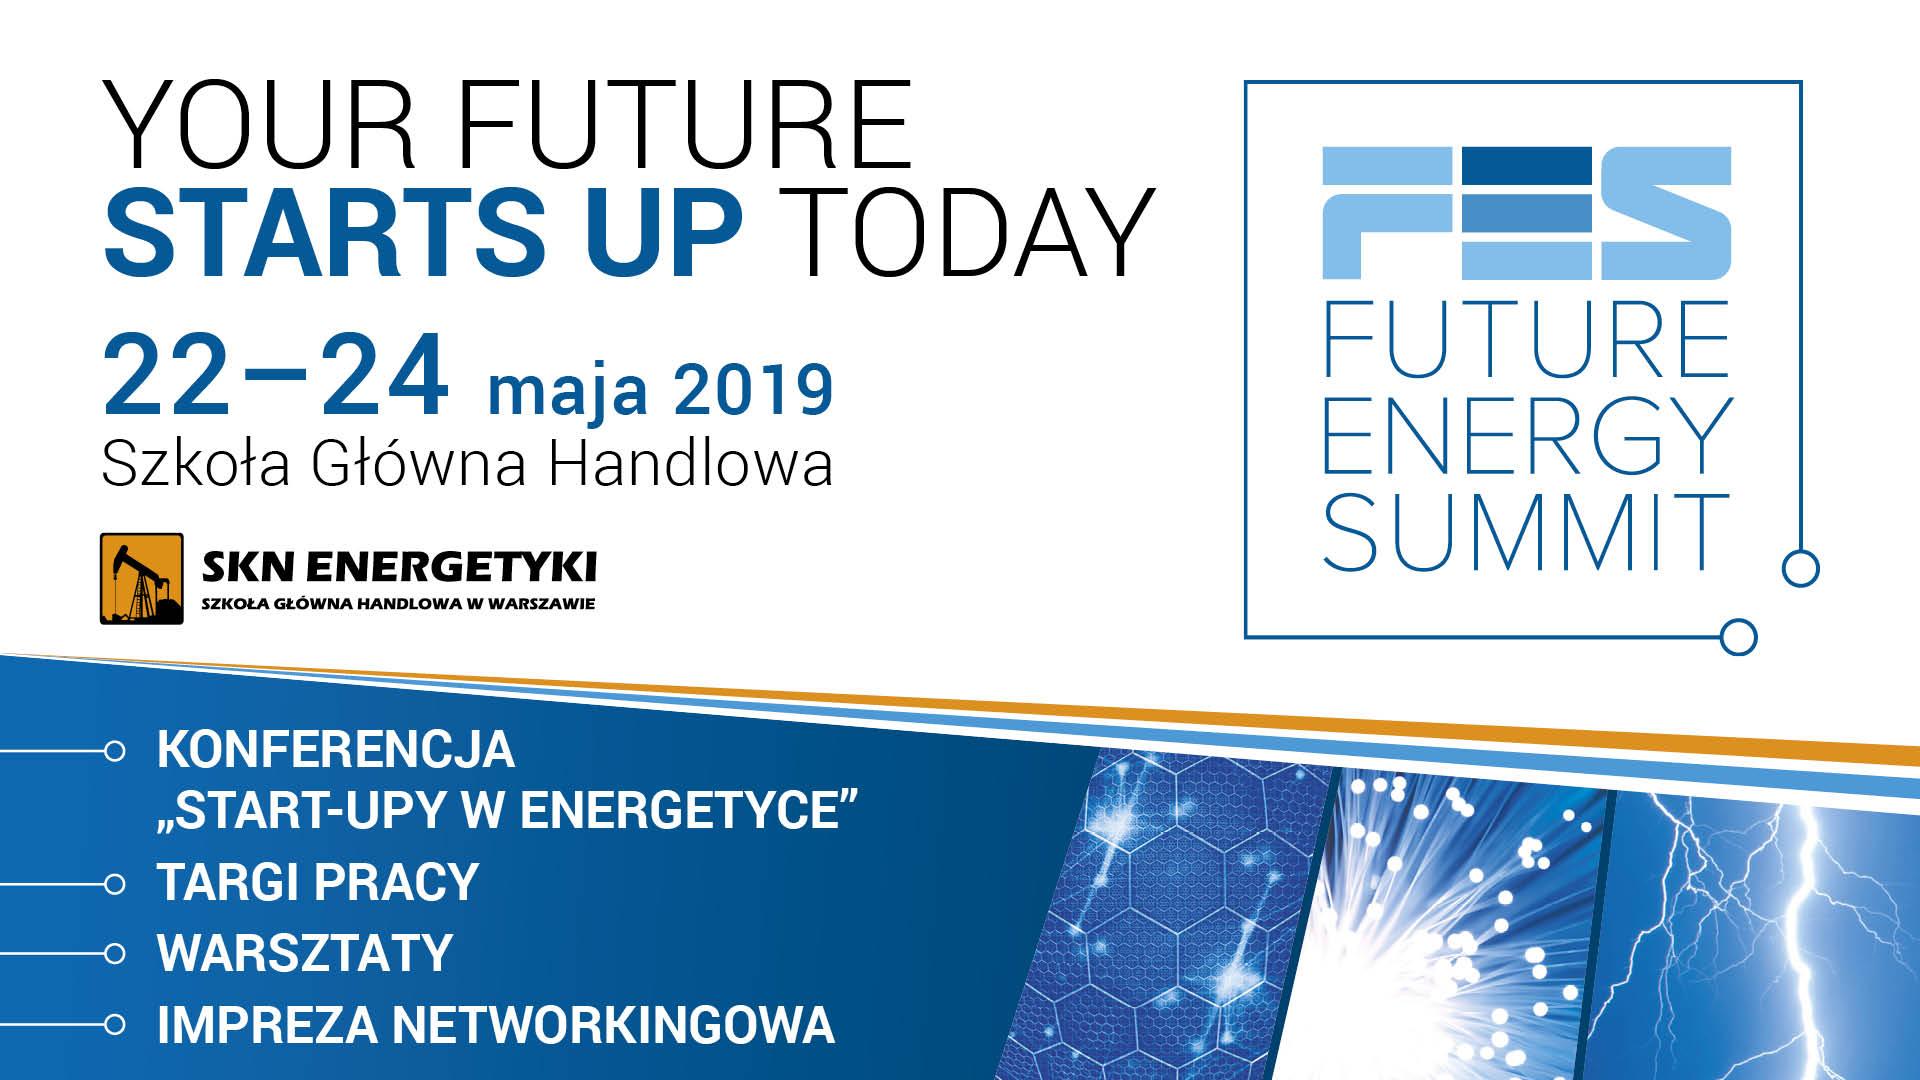 Future Energy Summit 2019